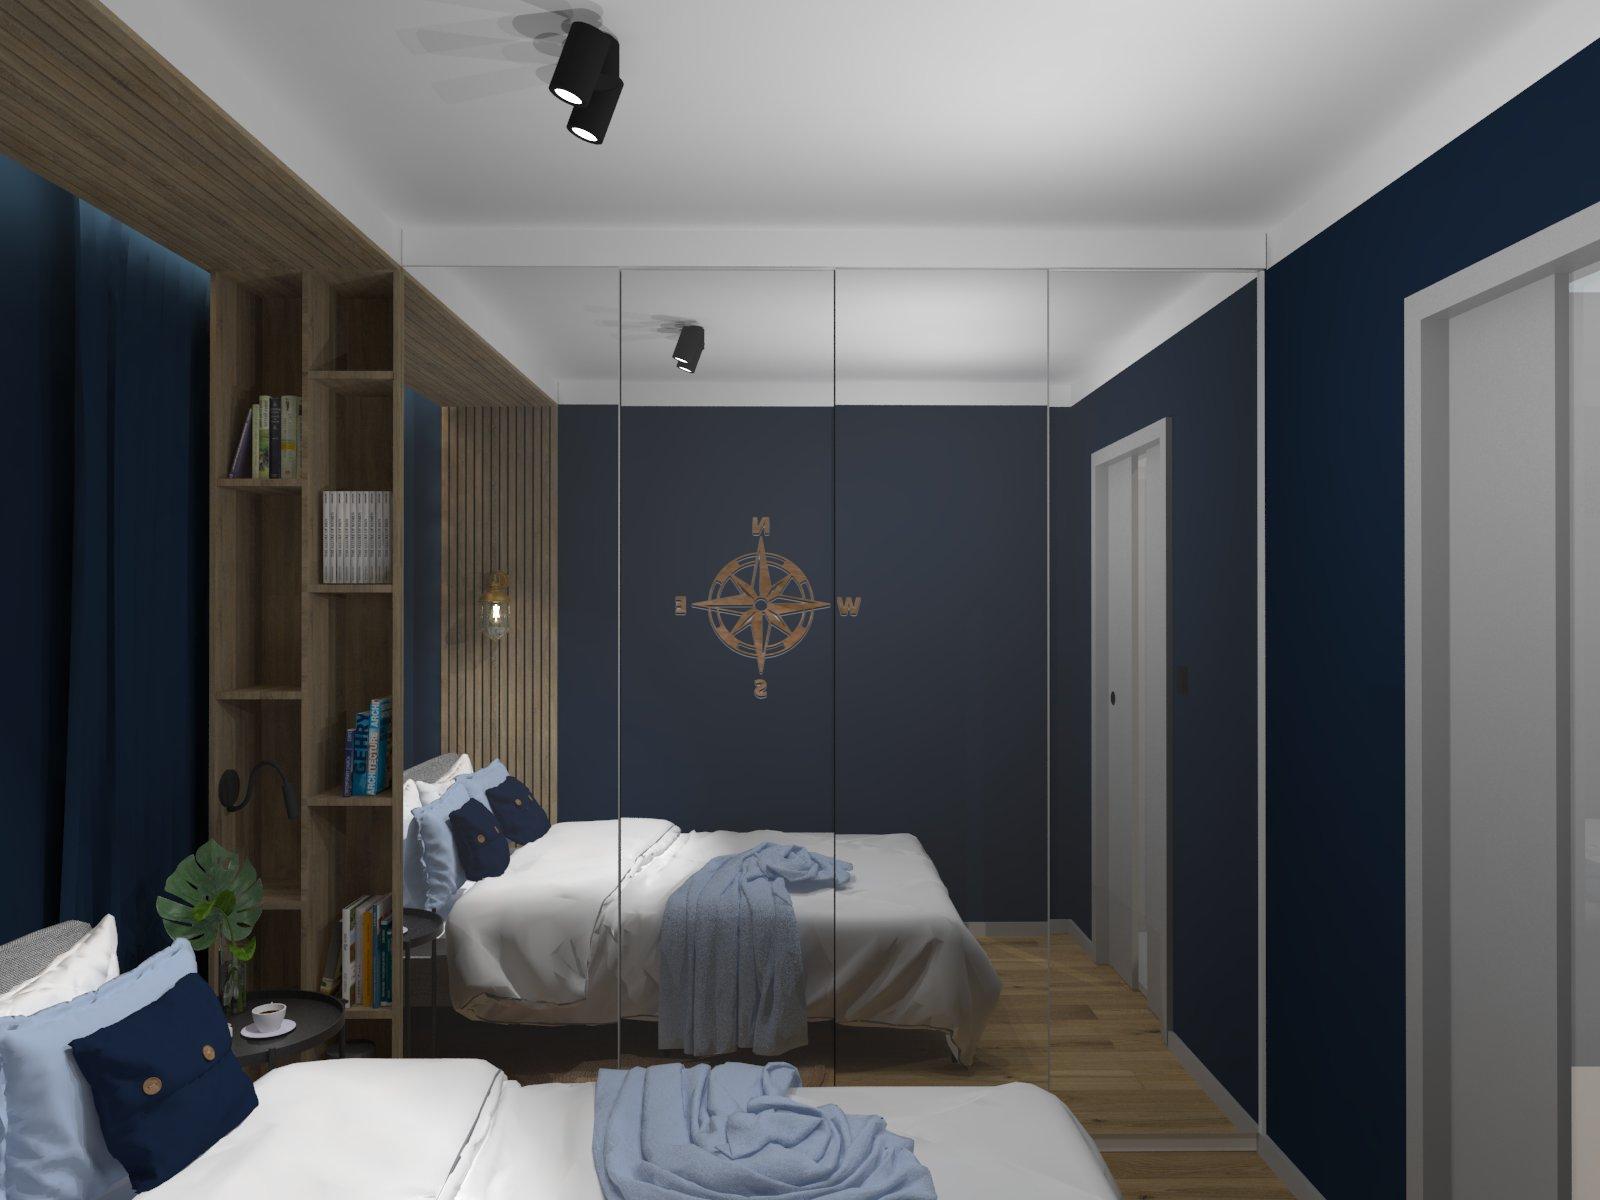 Aleksandra Chmielowicz architekt wnętrz, projektowanie wnętrz Olkusz, projektowanie wnętrz Mikołów, projektowanie wnętrz Tychy, projekt sypialni, styl marynistyczny sypialnia, styl morski sypialnia, Studio Ładnie projektowanie wnętrz Tychy